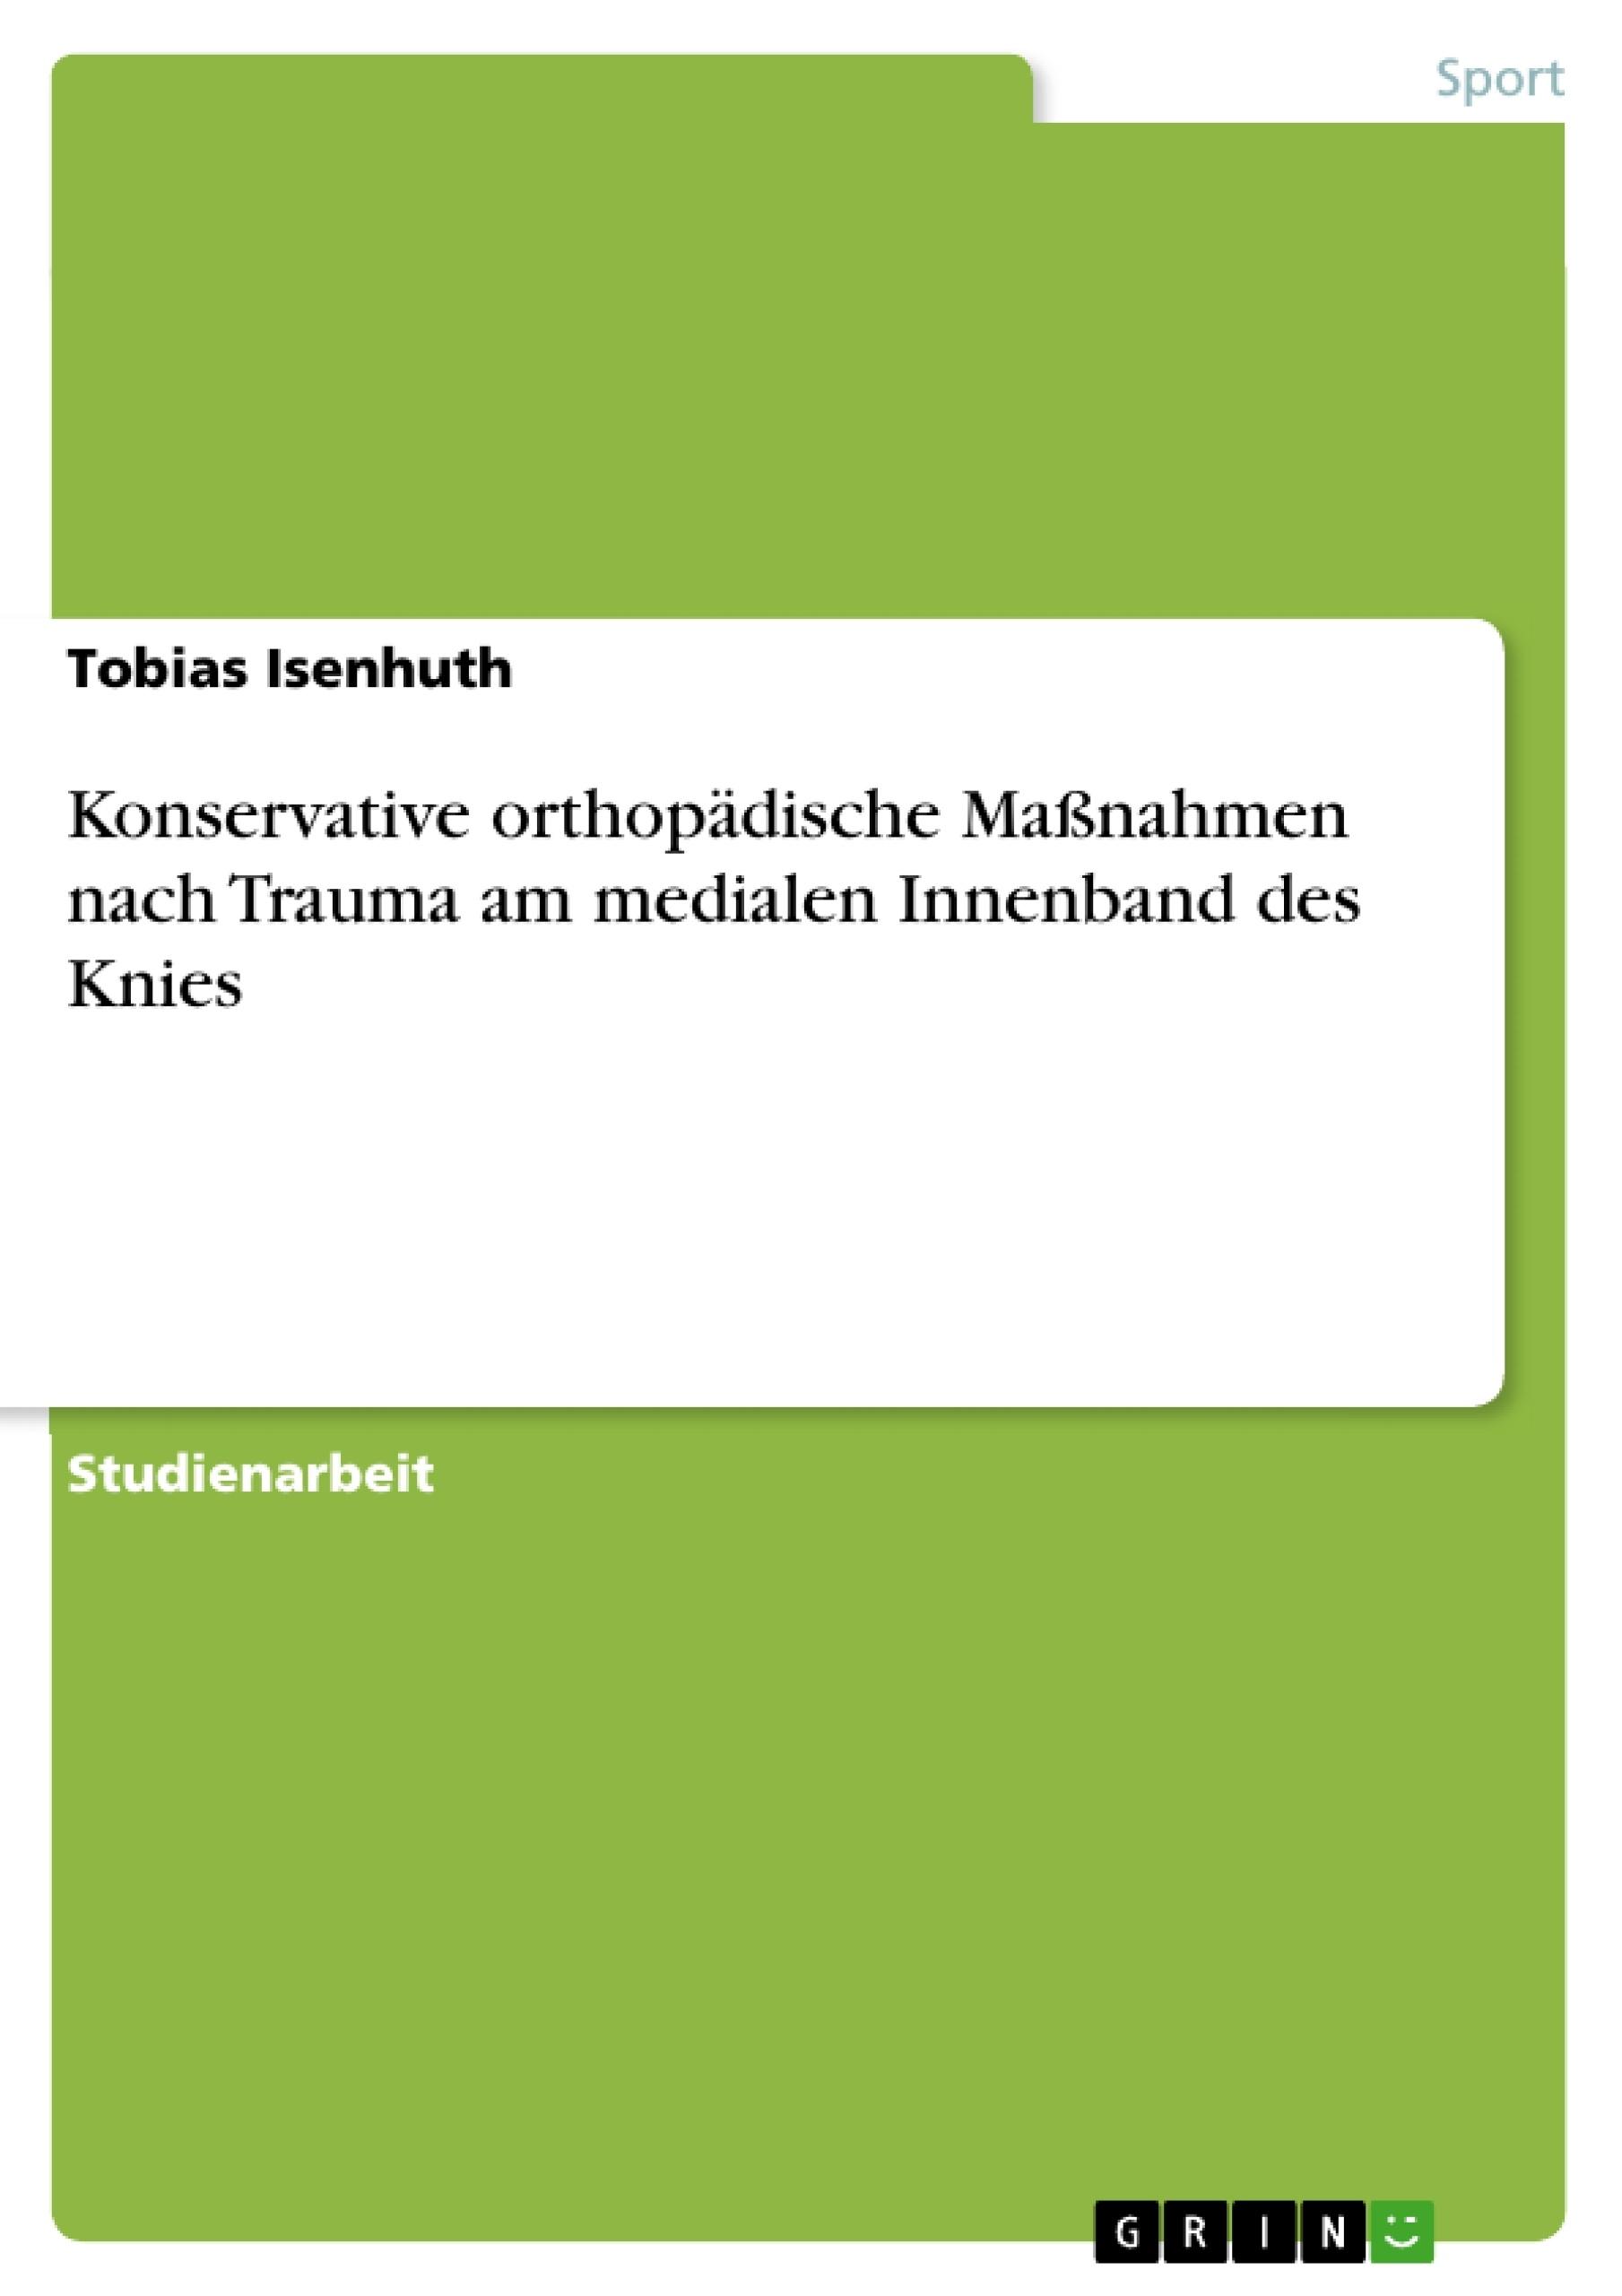 Titel: Konservative orthopädische Maßnahmen nach Trauma am medialen Innenband des Knies